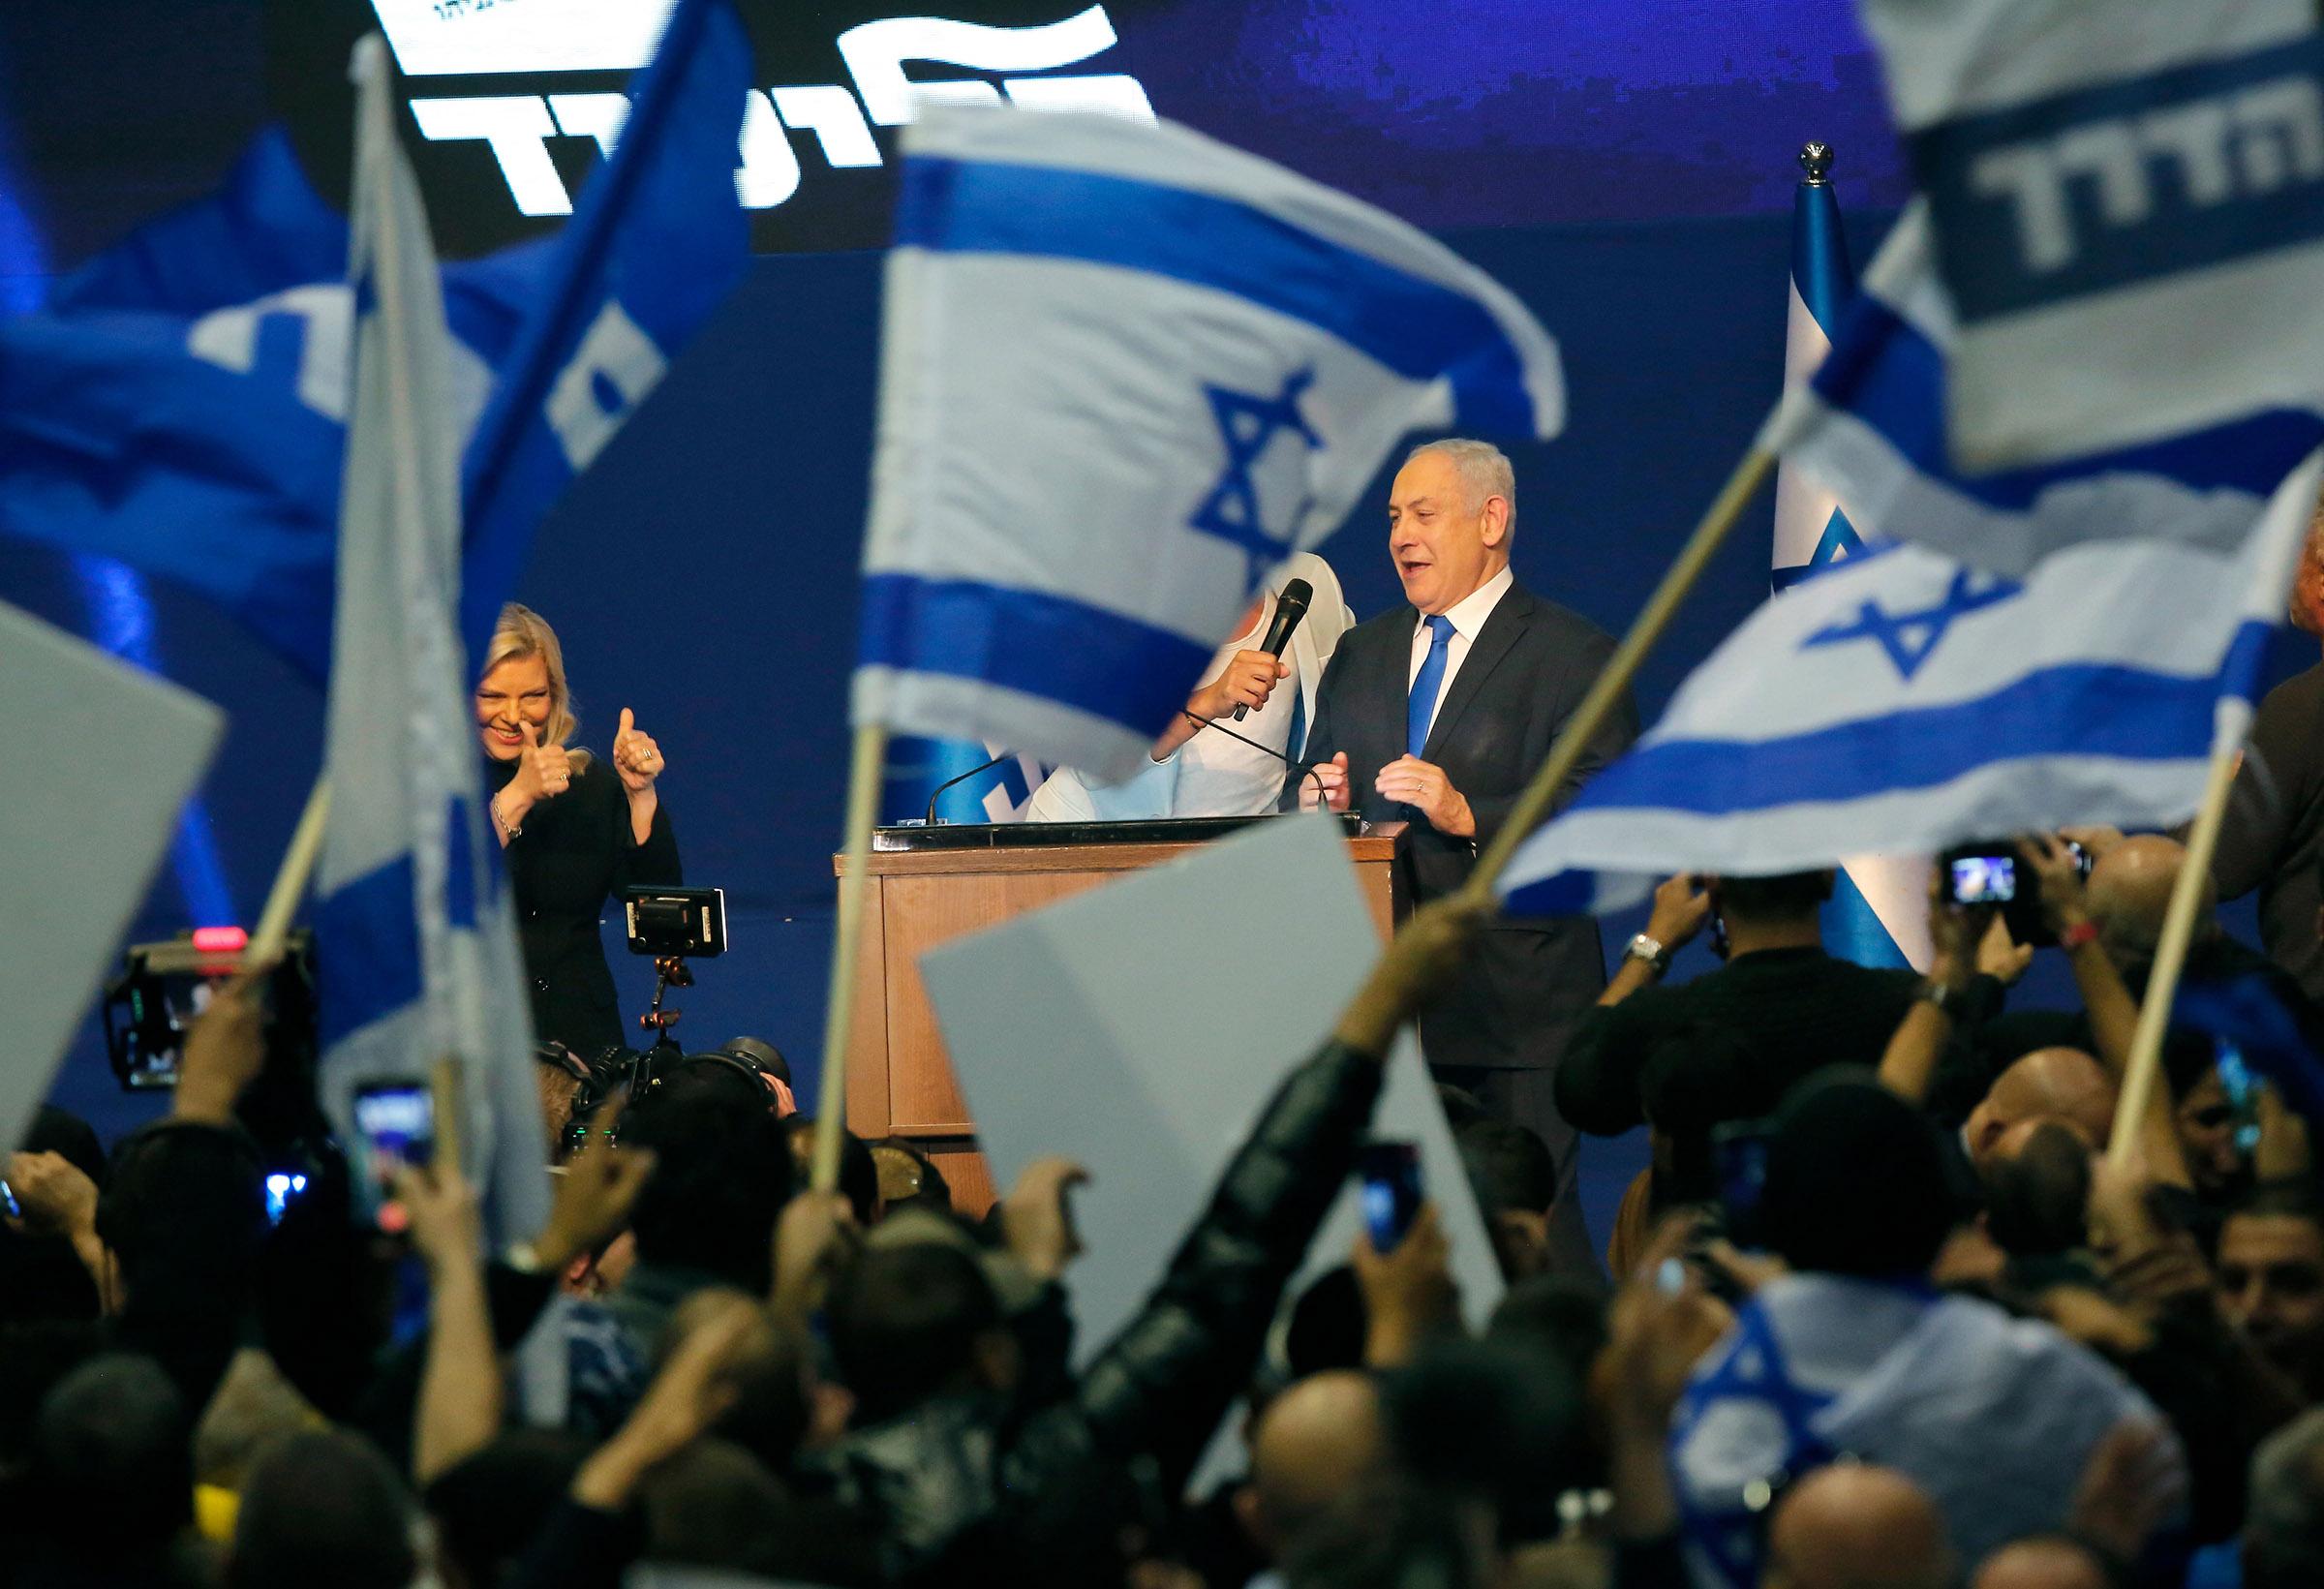 Israelek birusaren jarraipena egingo du telefonoaren datuekin